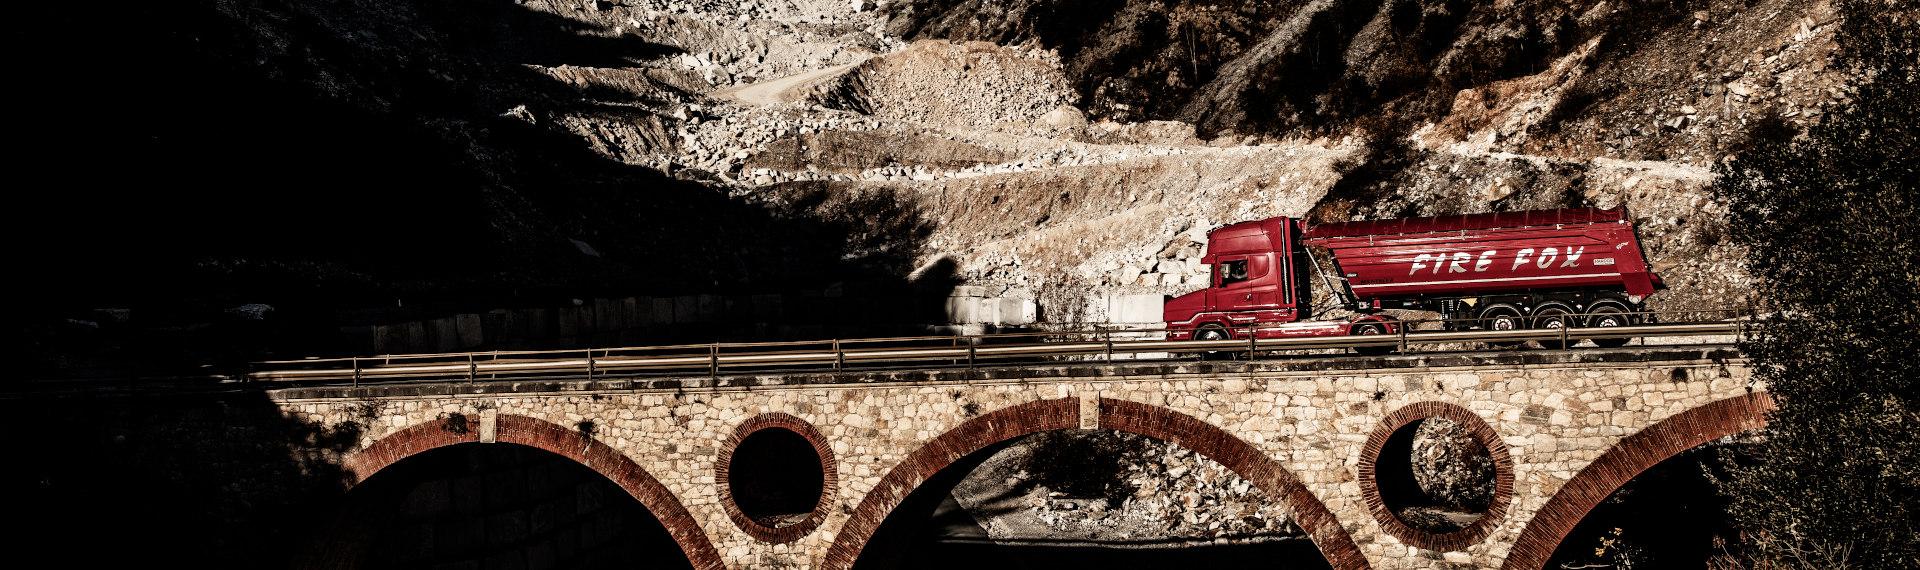 Ognistoczerwona wywrotka Fire Fox, wykonana z blachy stalowej Hardox 500 Tuf, przejeżdża przez most